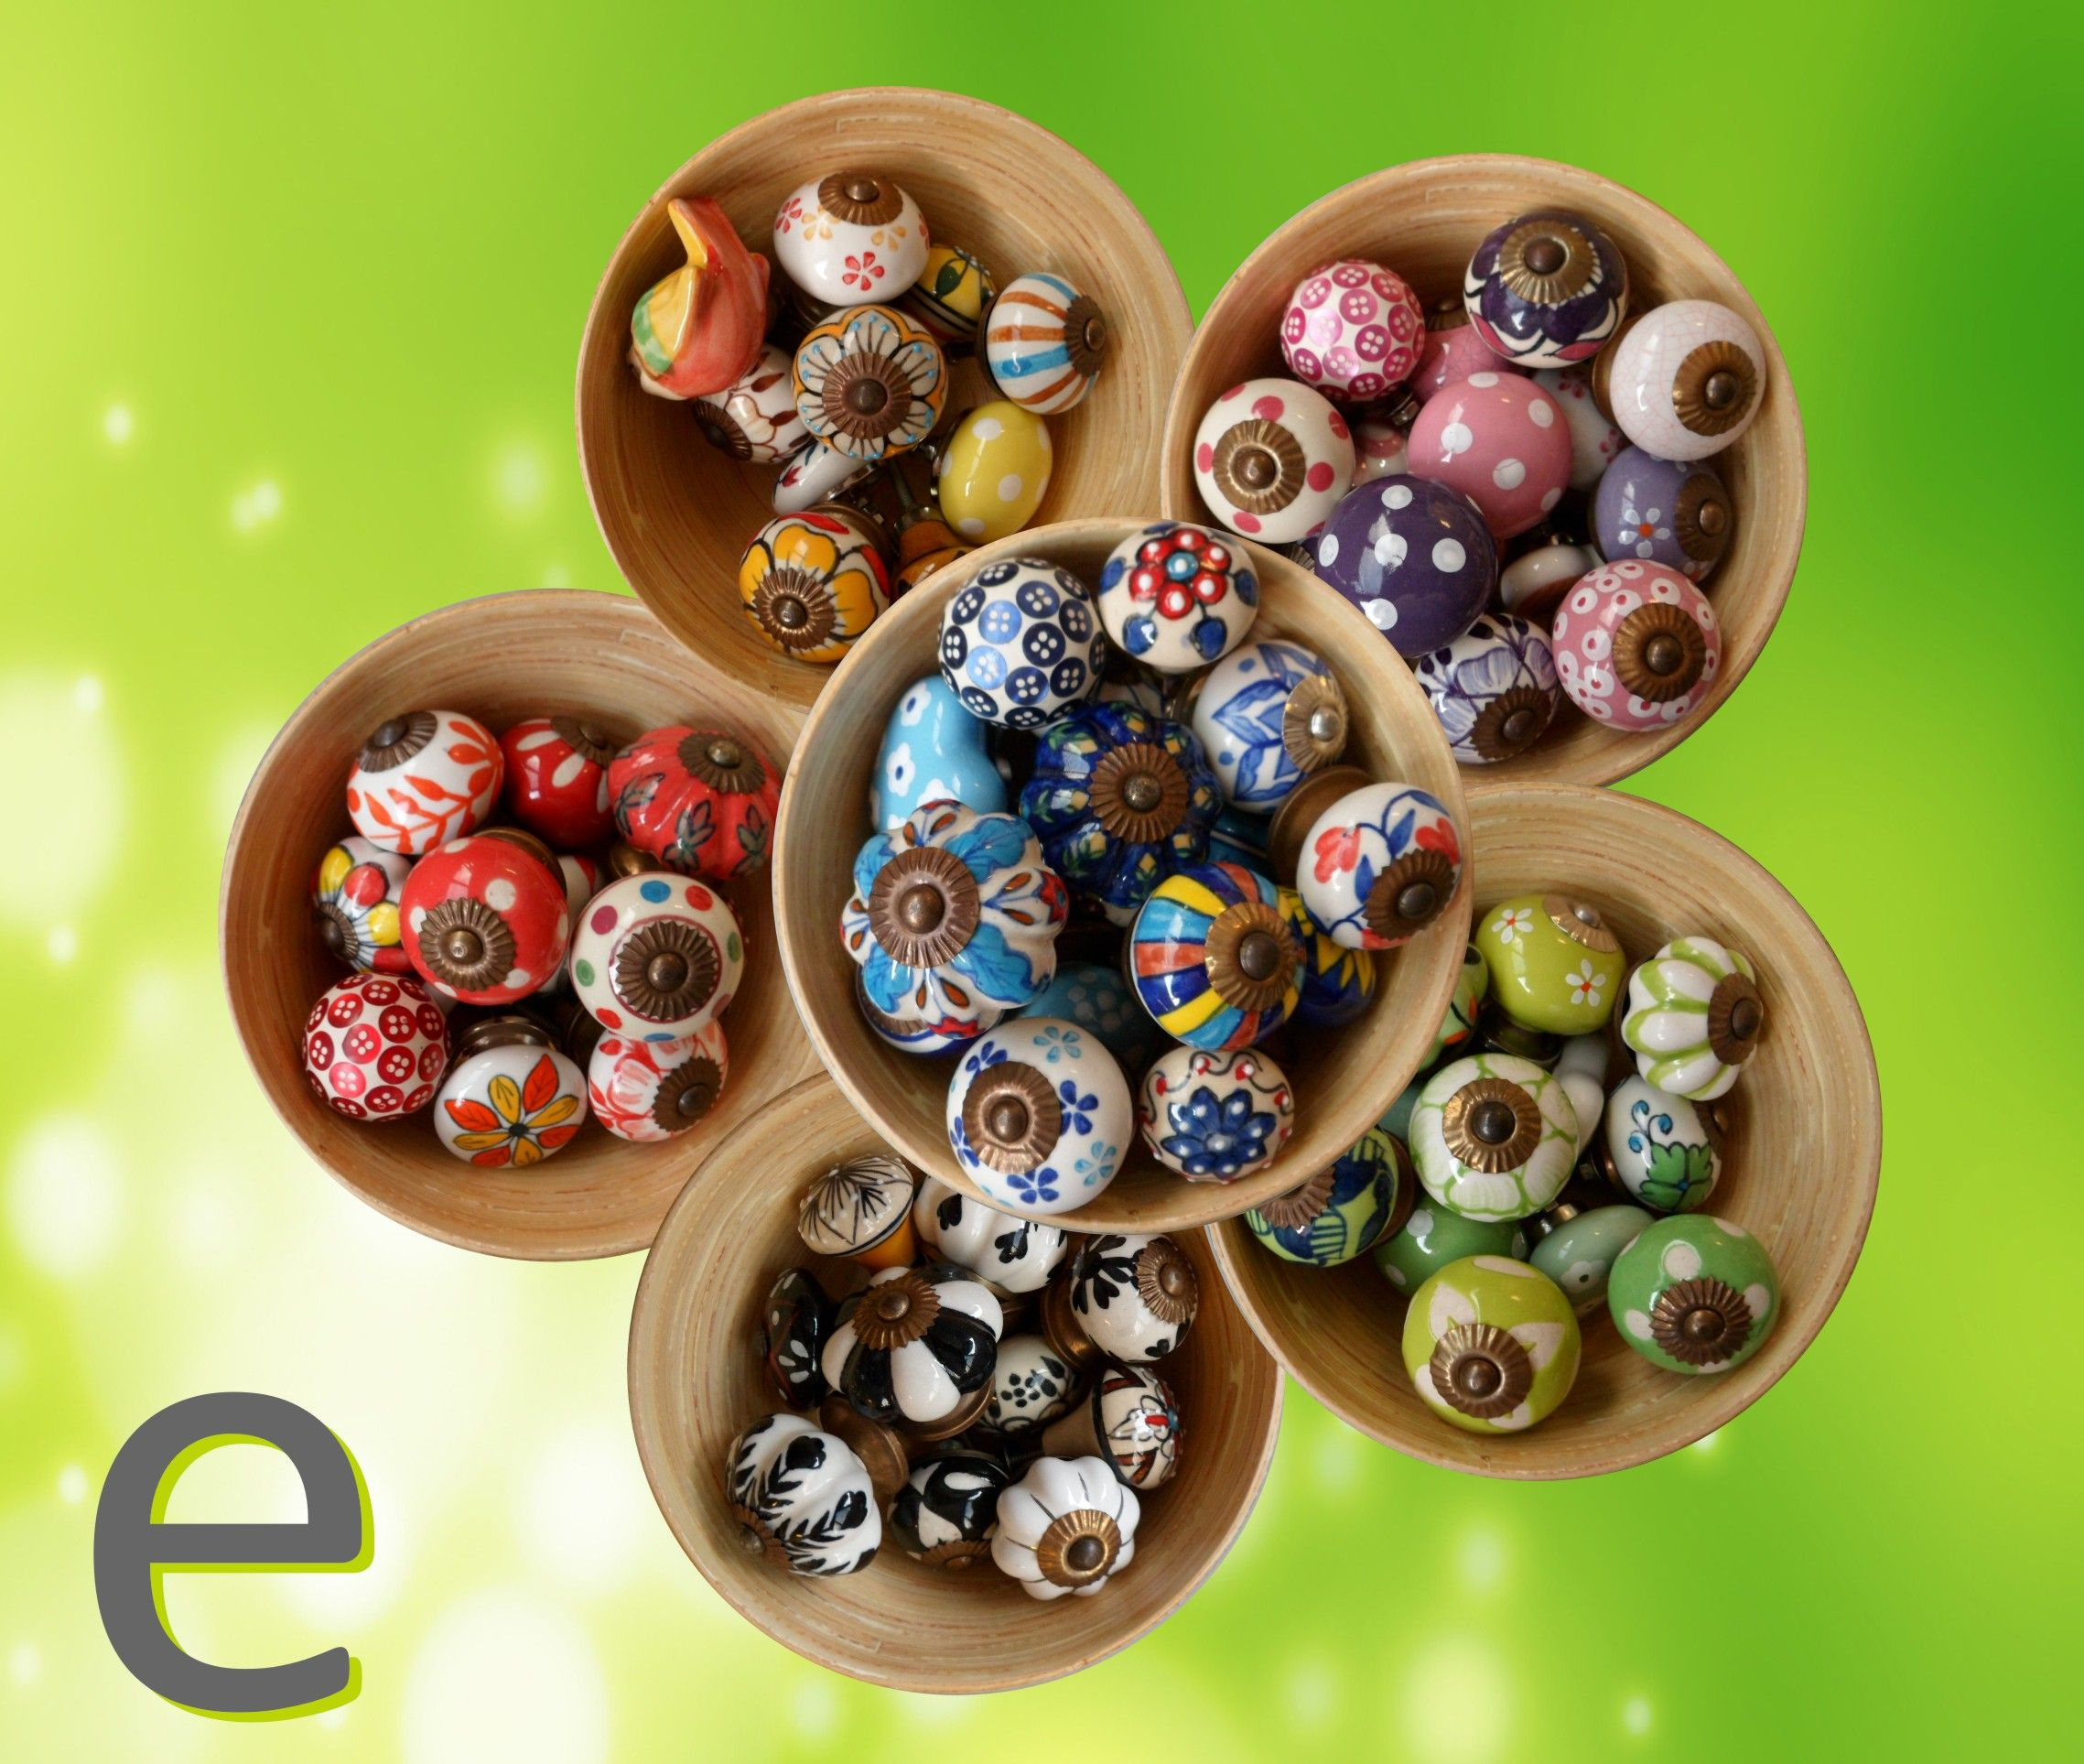 pomelli, suddivisi per colore... | Nuovi pomelli di ceramica | Pinterest